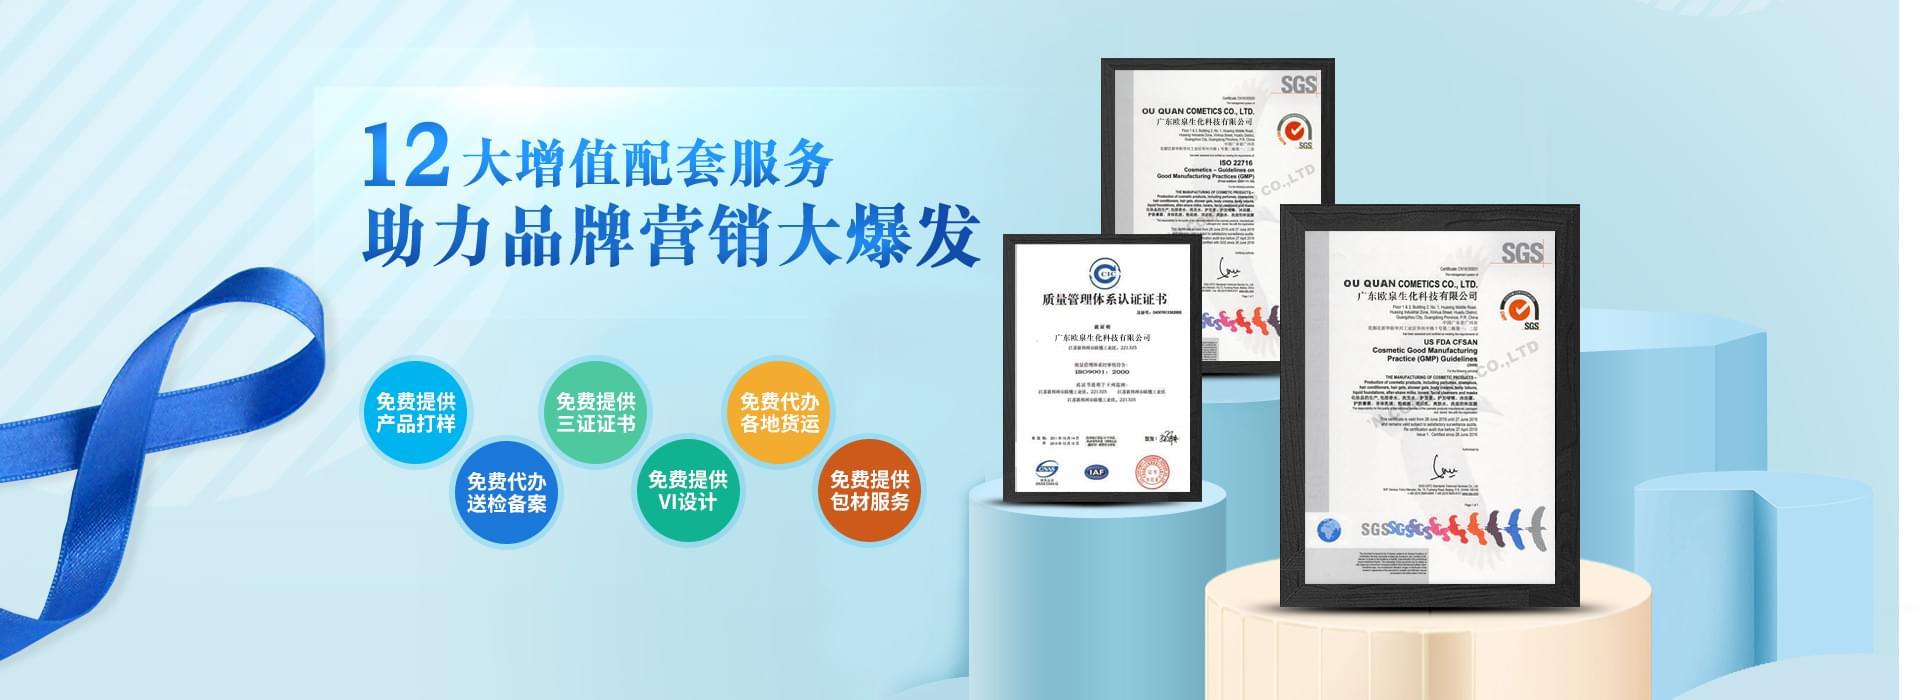 欧泉生化-12大增值配套服务,助力品牌营销大爆发